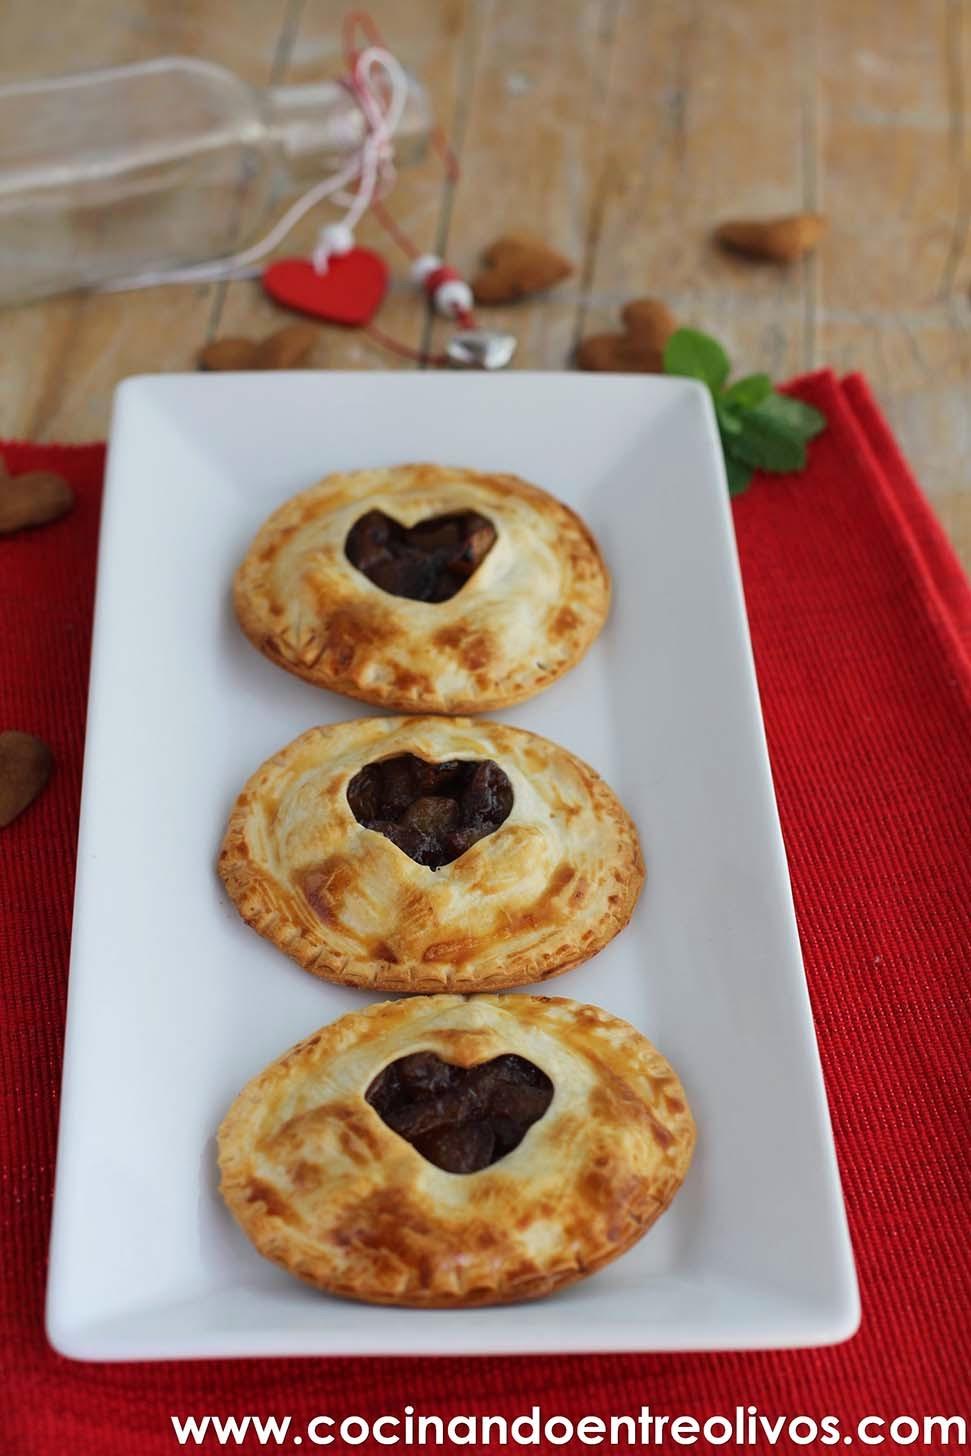 Cocinando entre olivos empanadillas de manzana receta for Cocinando entre olivos